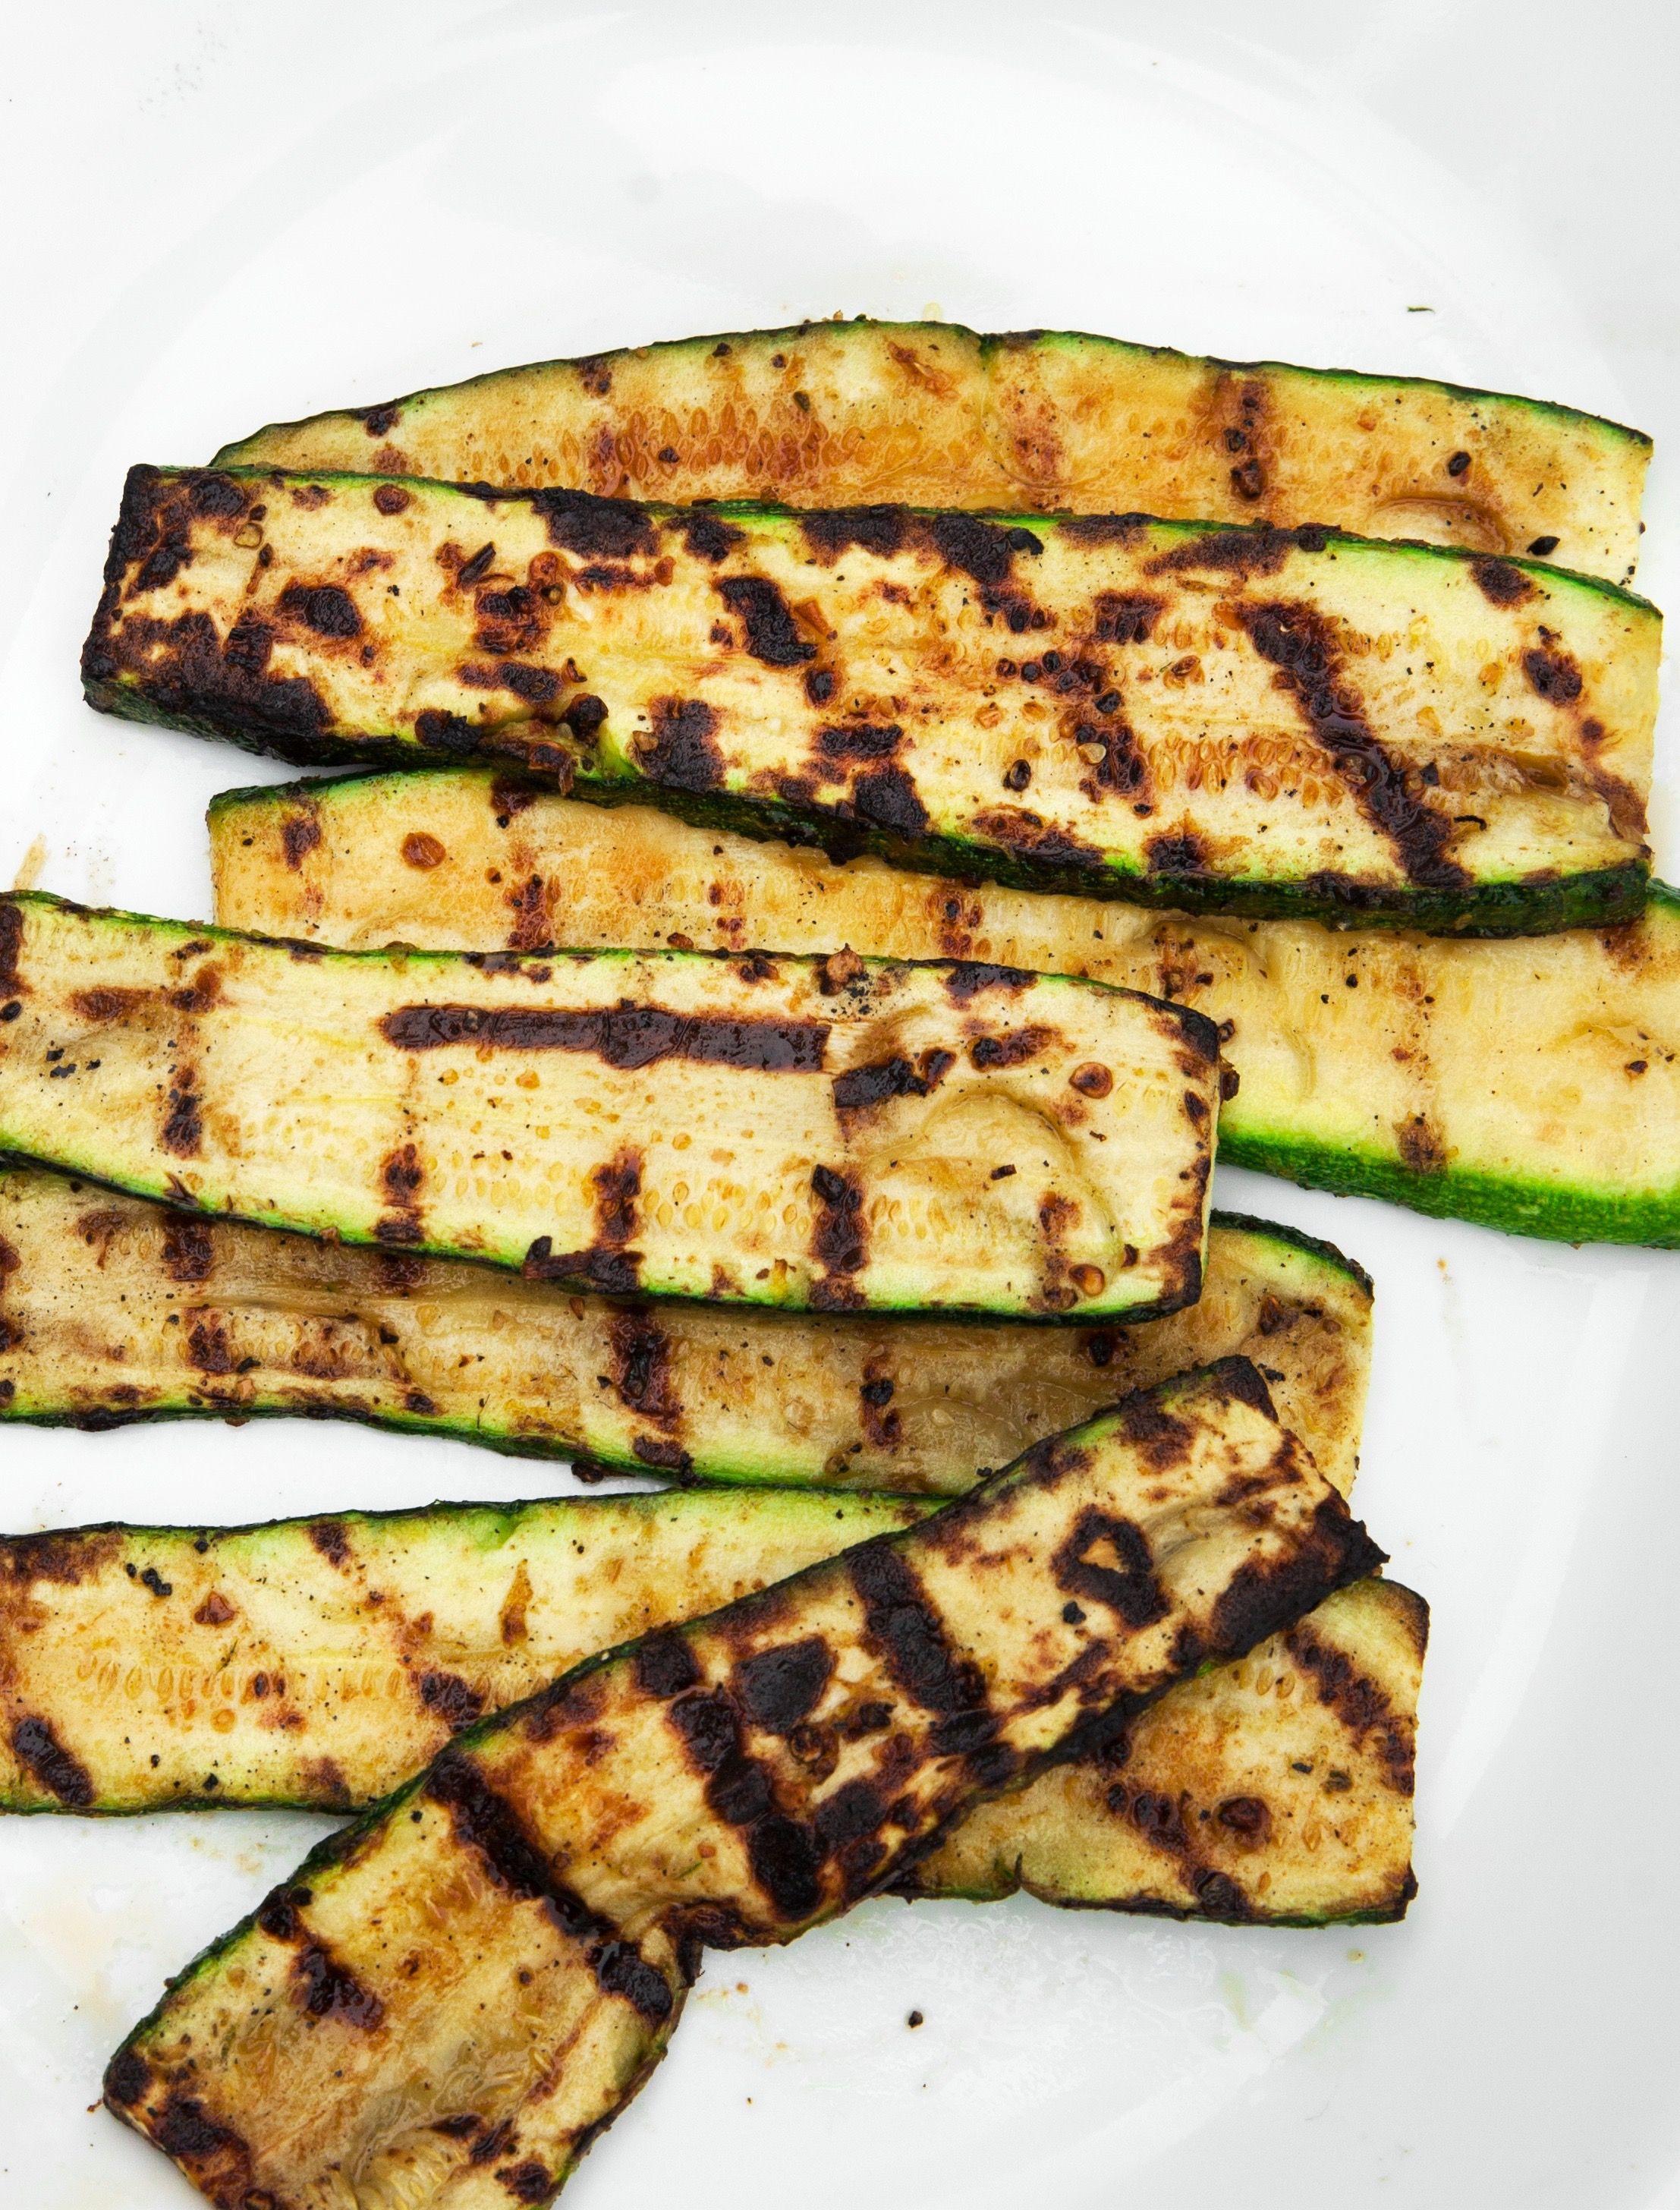 30 Vegetarian Bbq Recipes Grilling Ideas For A Vegetarian Barbecue Delish Com